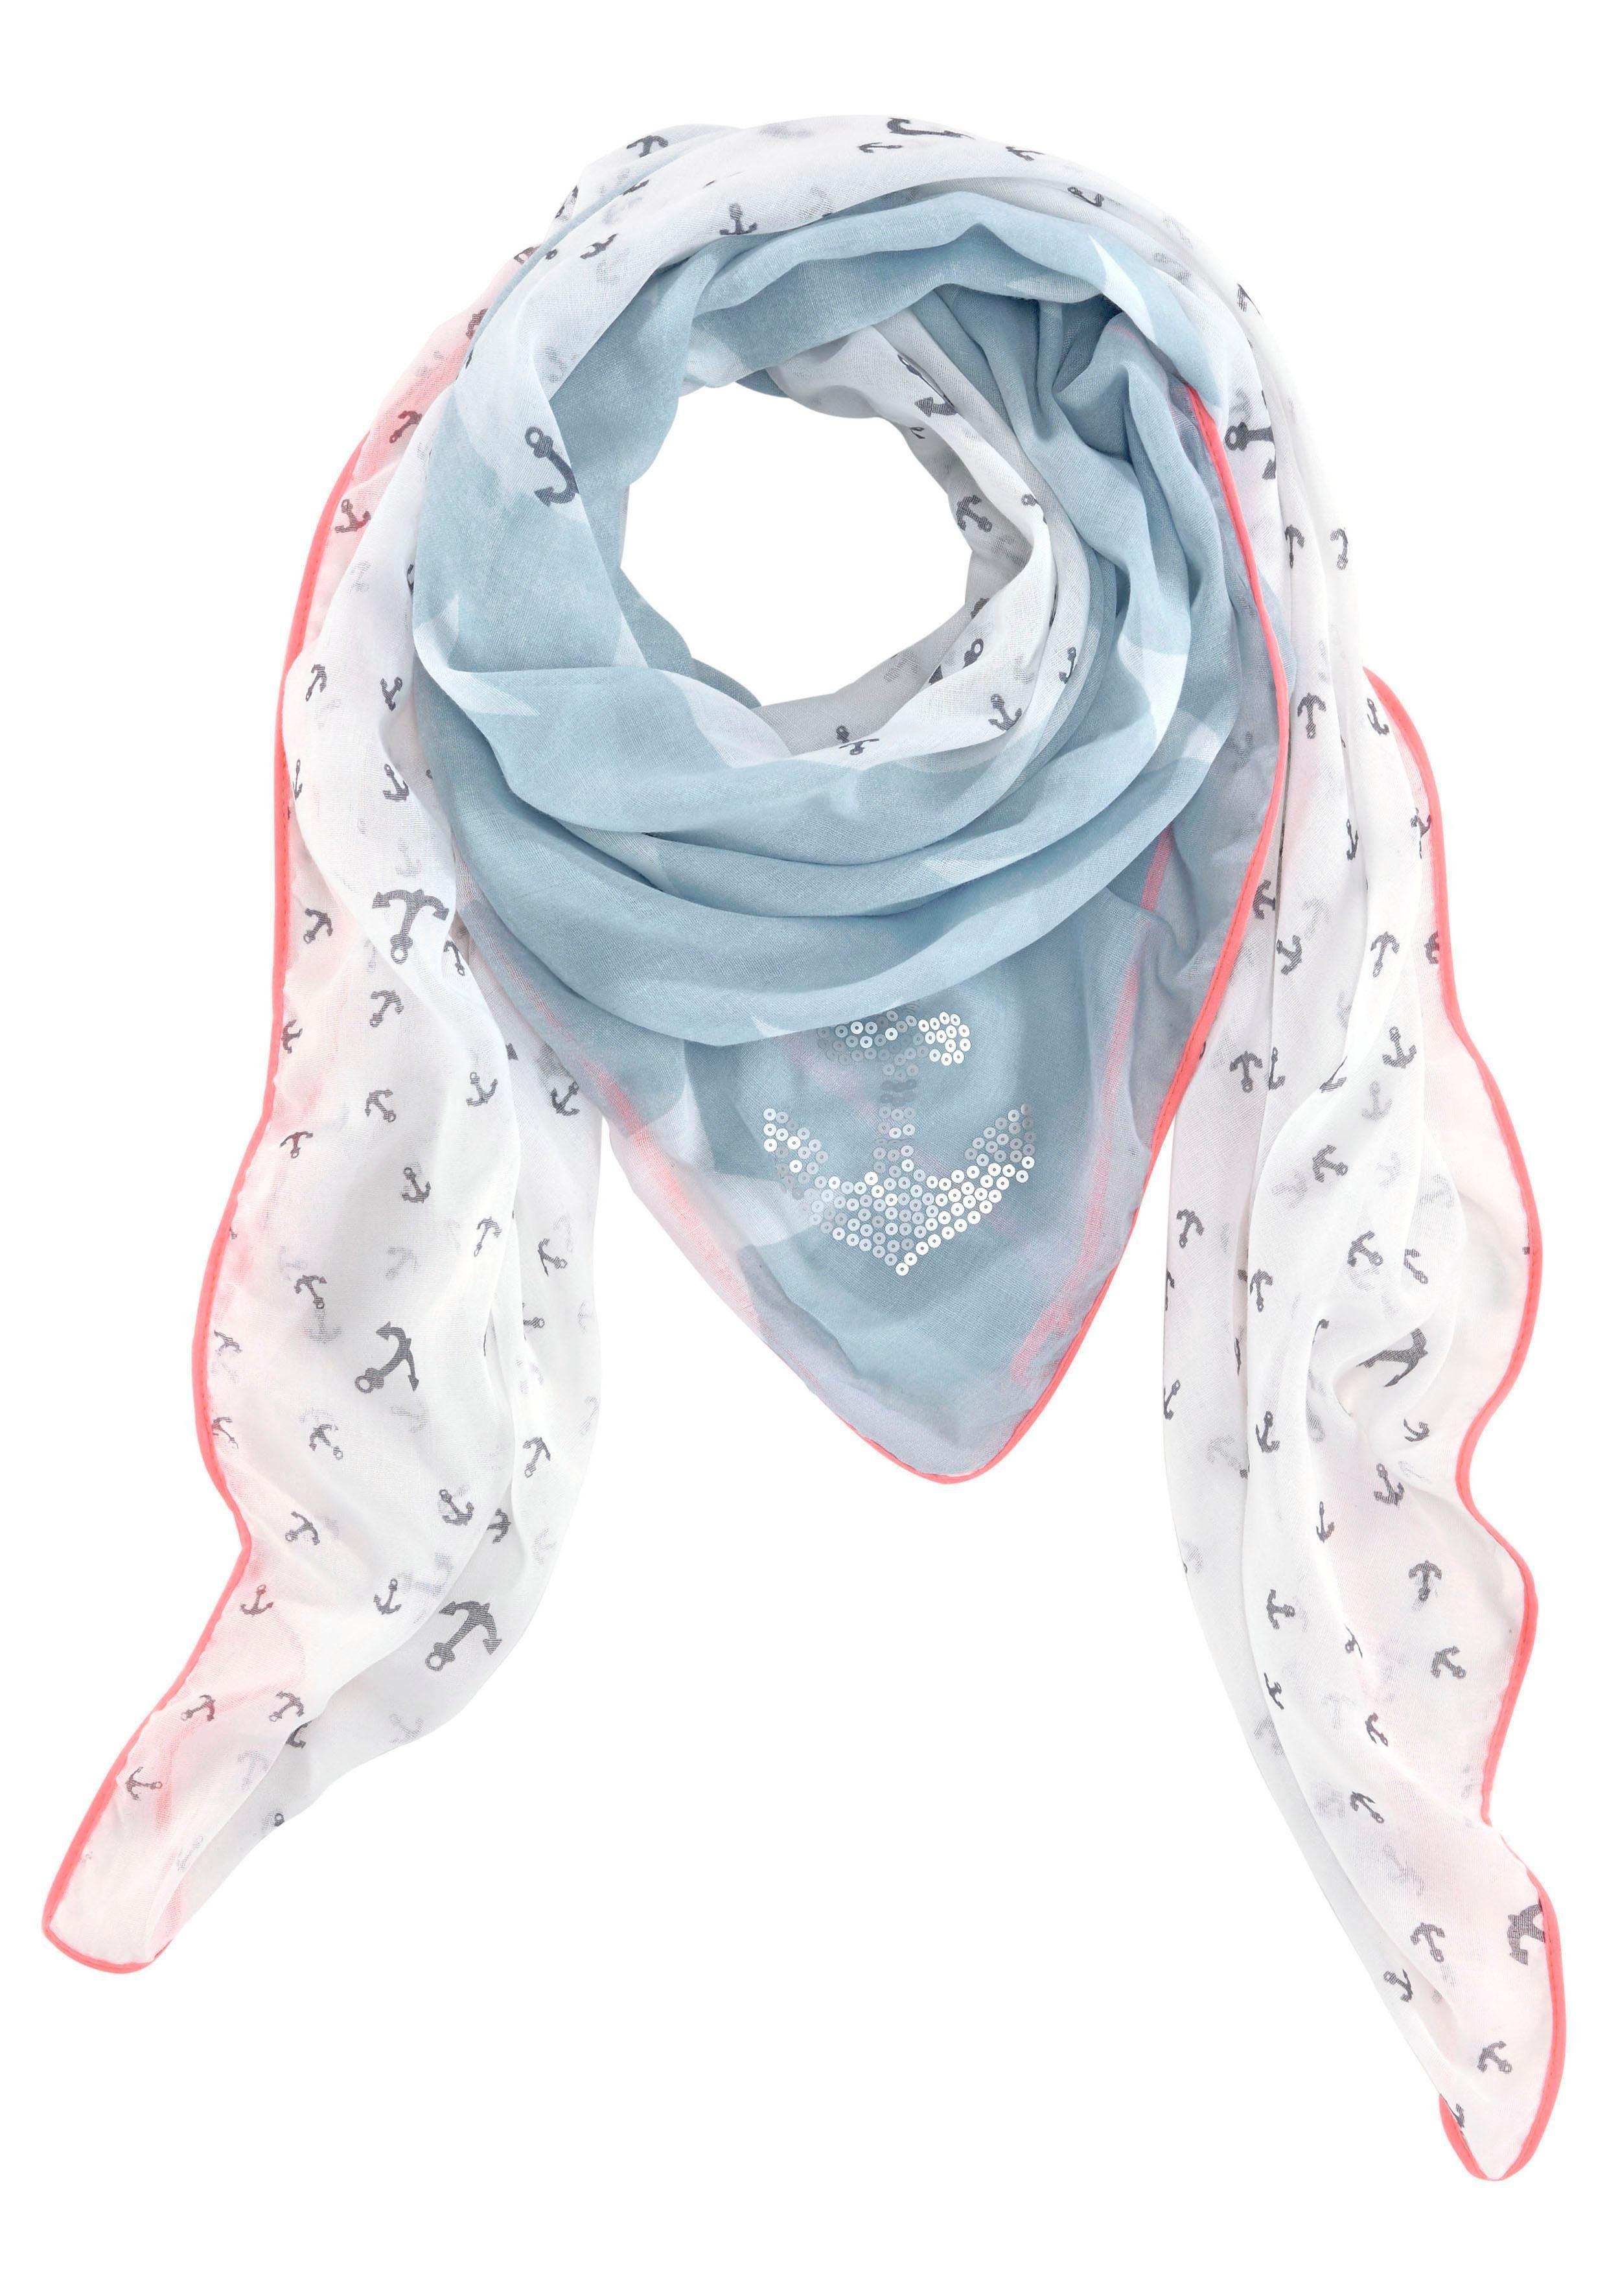 Colours Cosmetic Modetuch XXL-Tuch mit Neonrand, Anker und Sternen Print, Pailletten